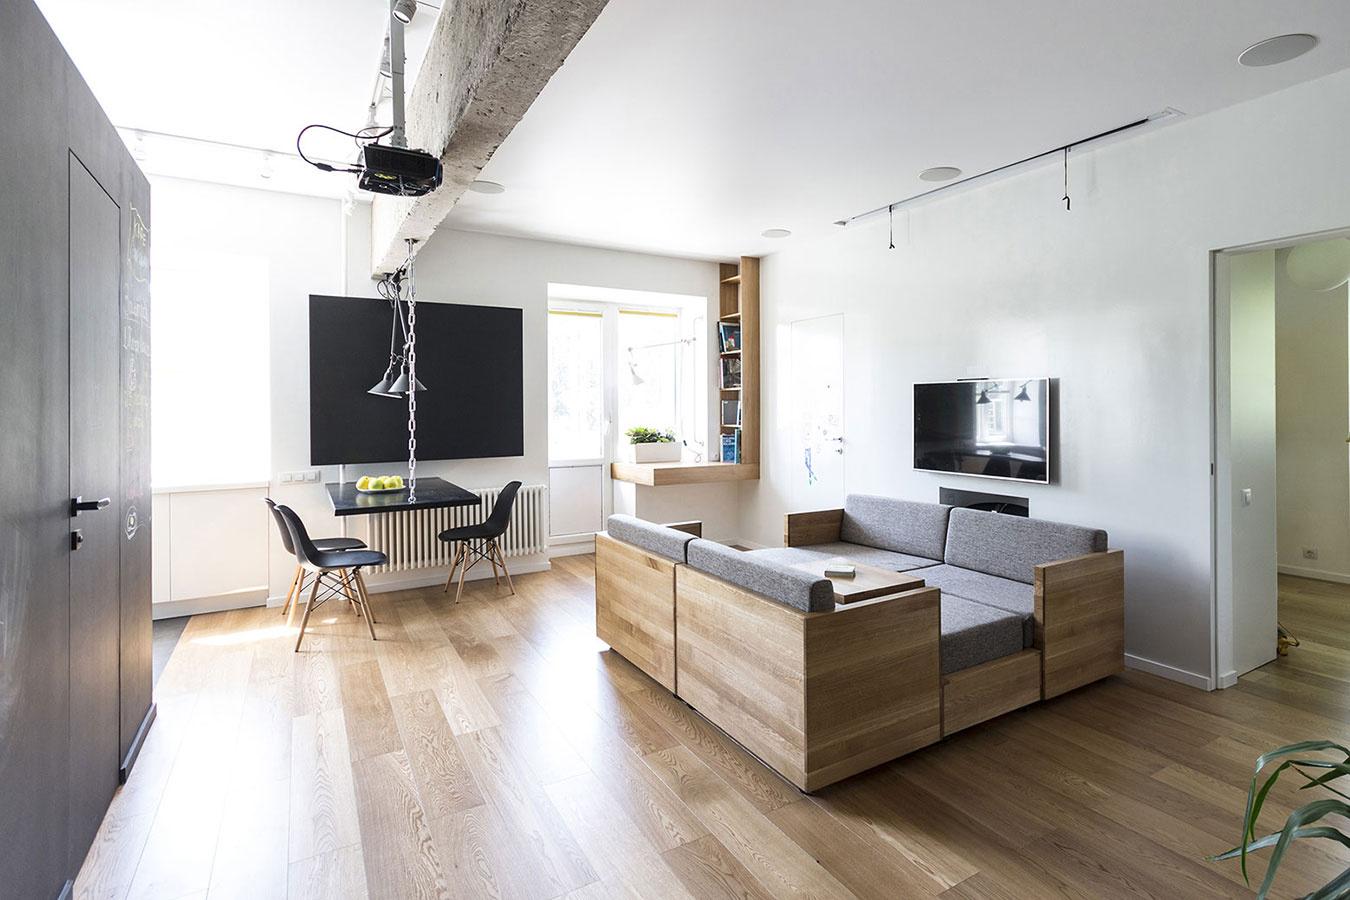 Aj takto môže vyzerať maximálna efektivita využitia priestoru v byte pre 4-člennú rodinu